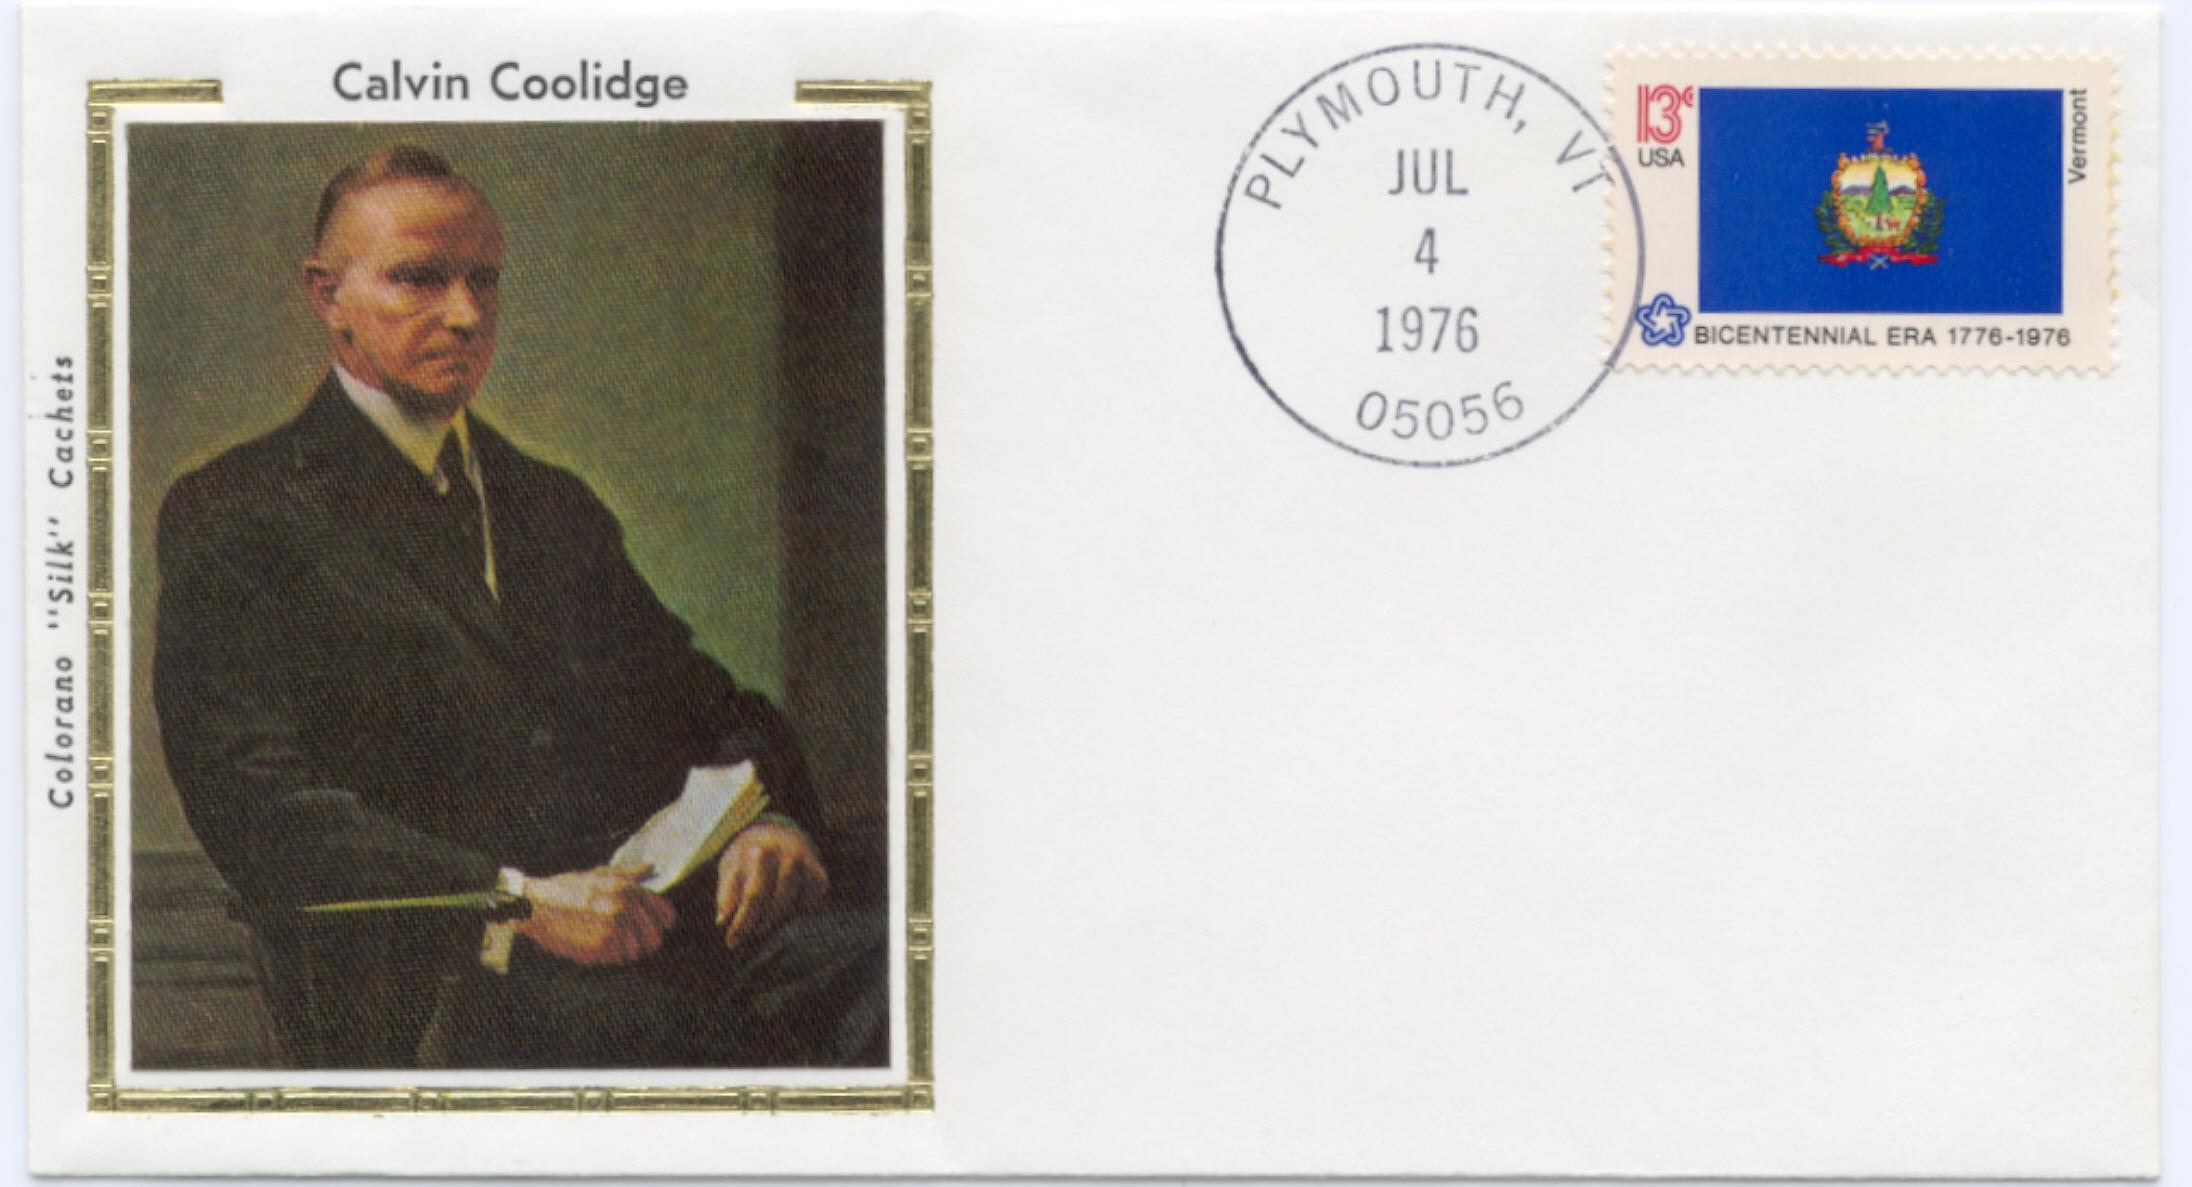 Coolidge Birthday 76-07-04